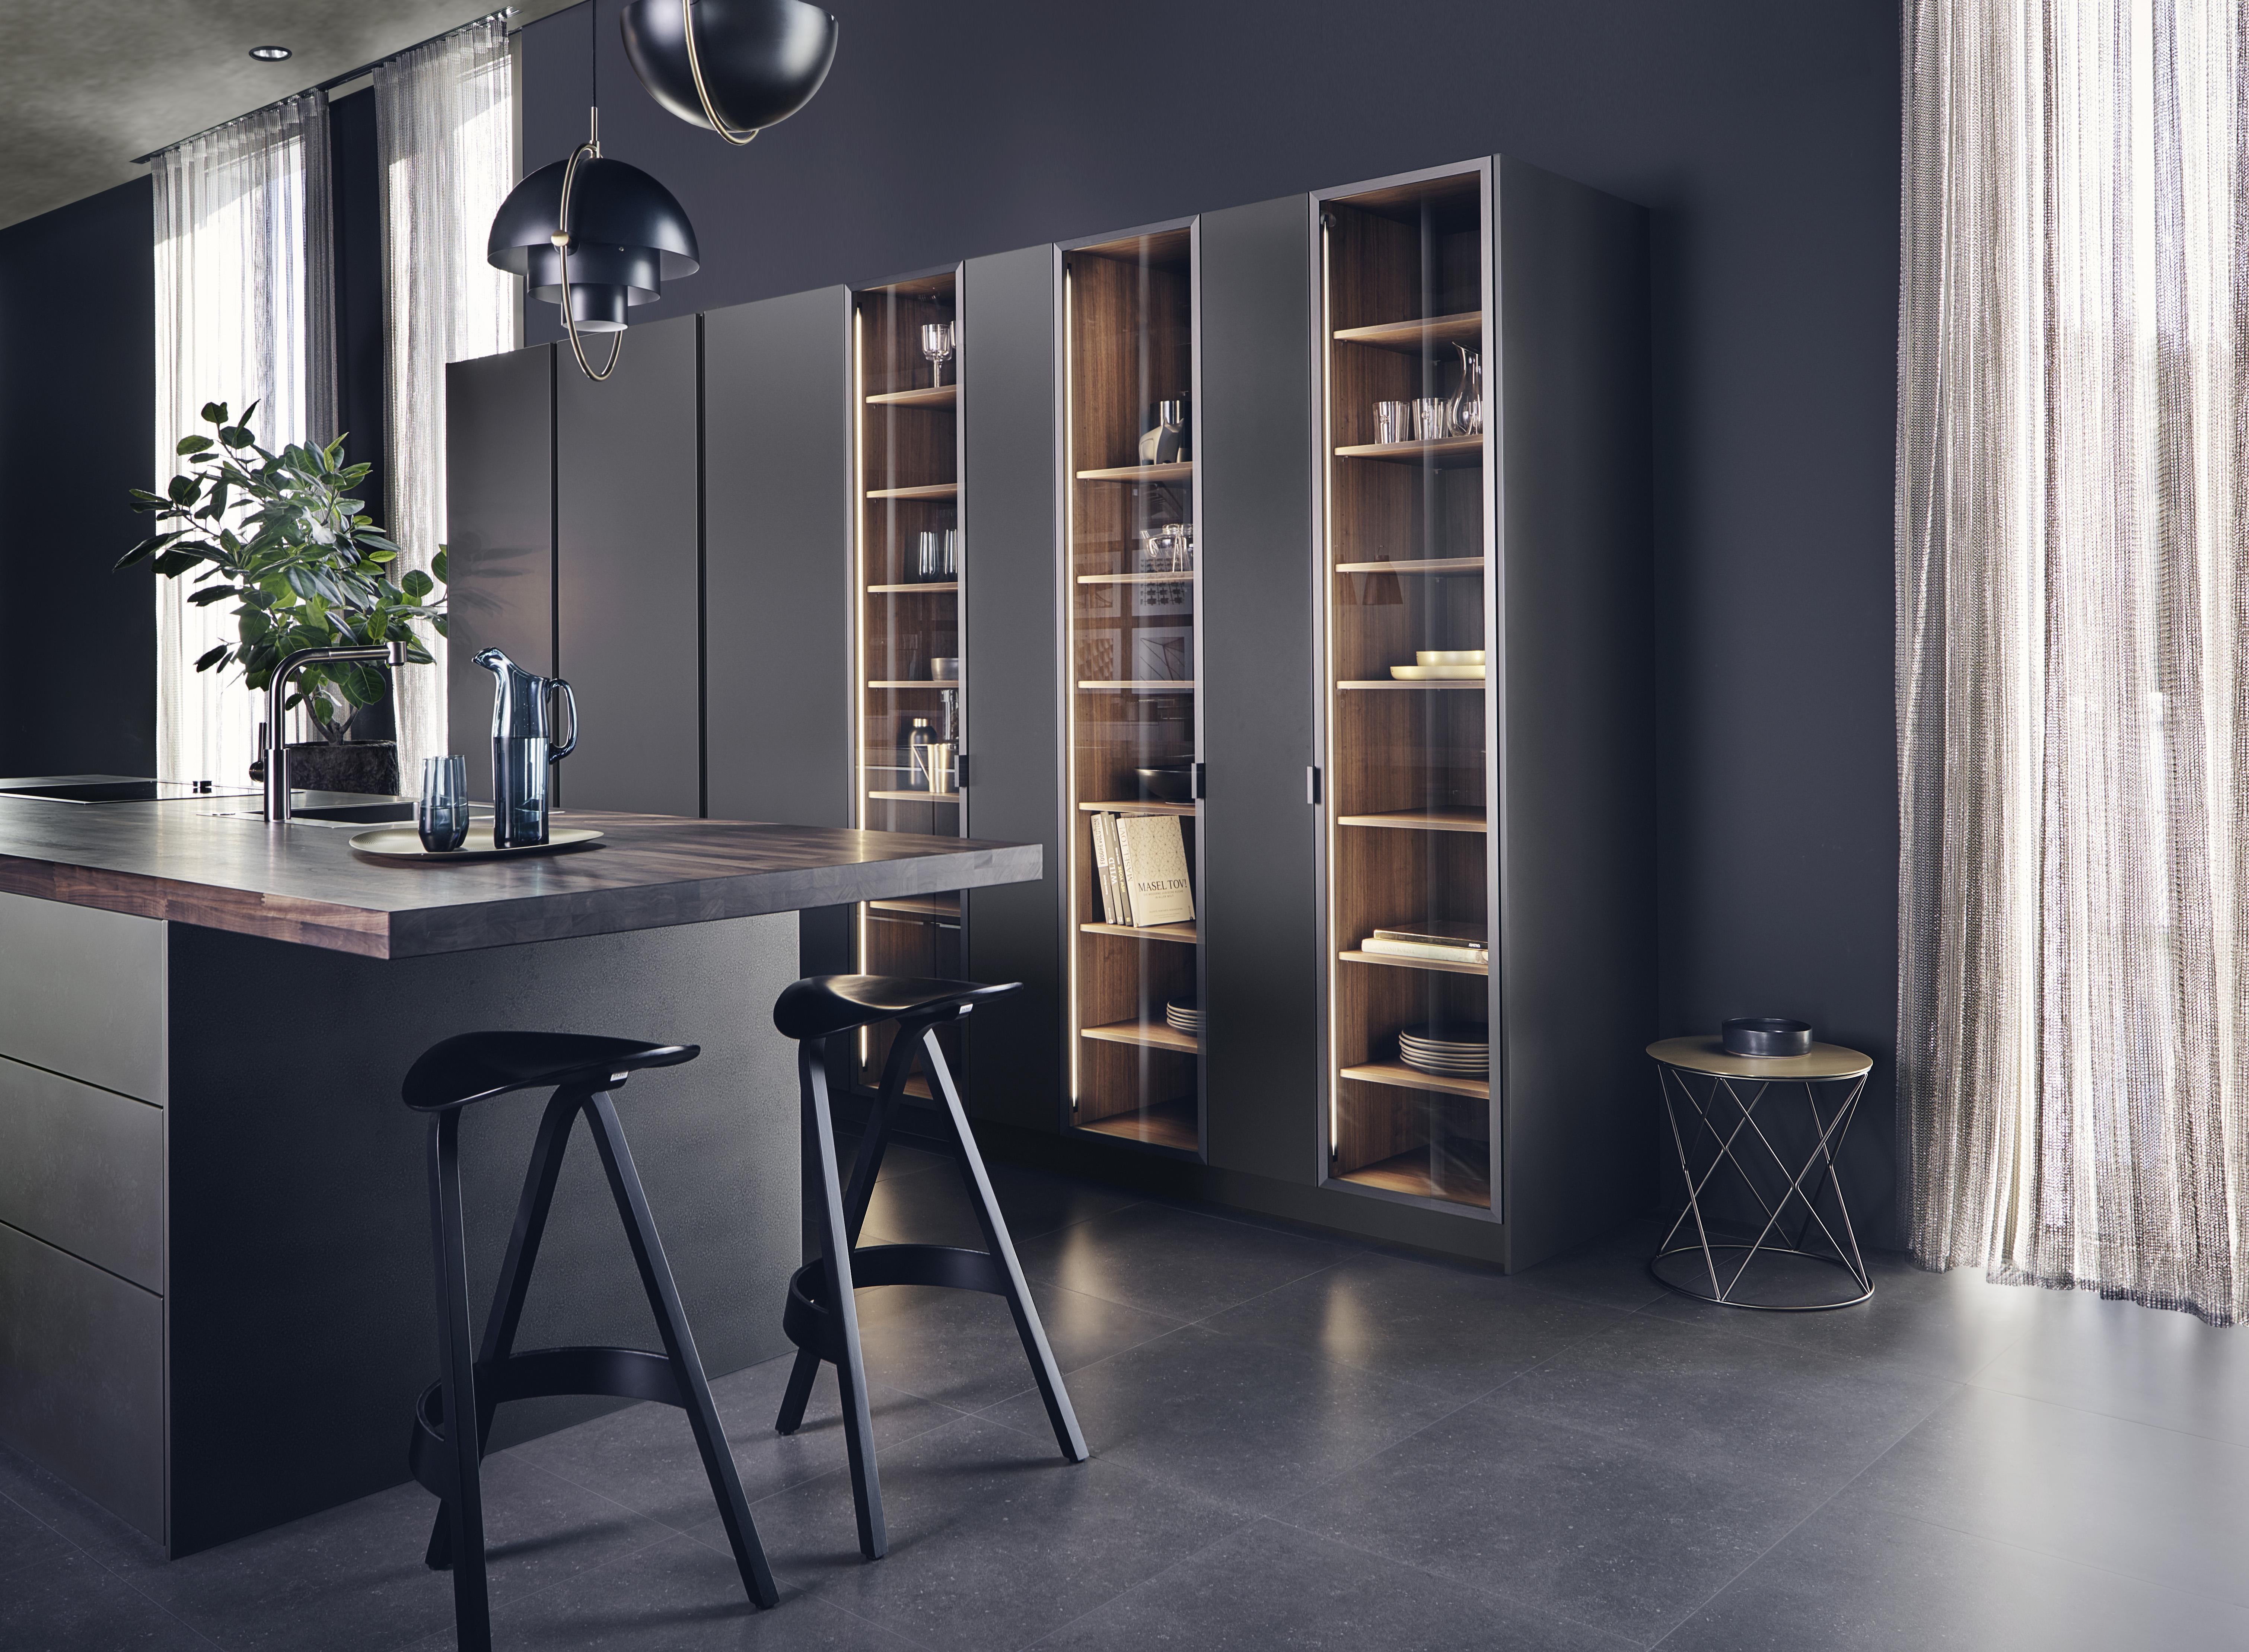 Cuisine Leicht Wels Décoration Antibes, nouveauté 2019 chez Leicht